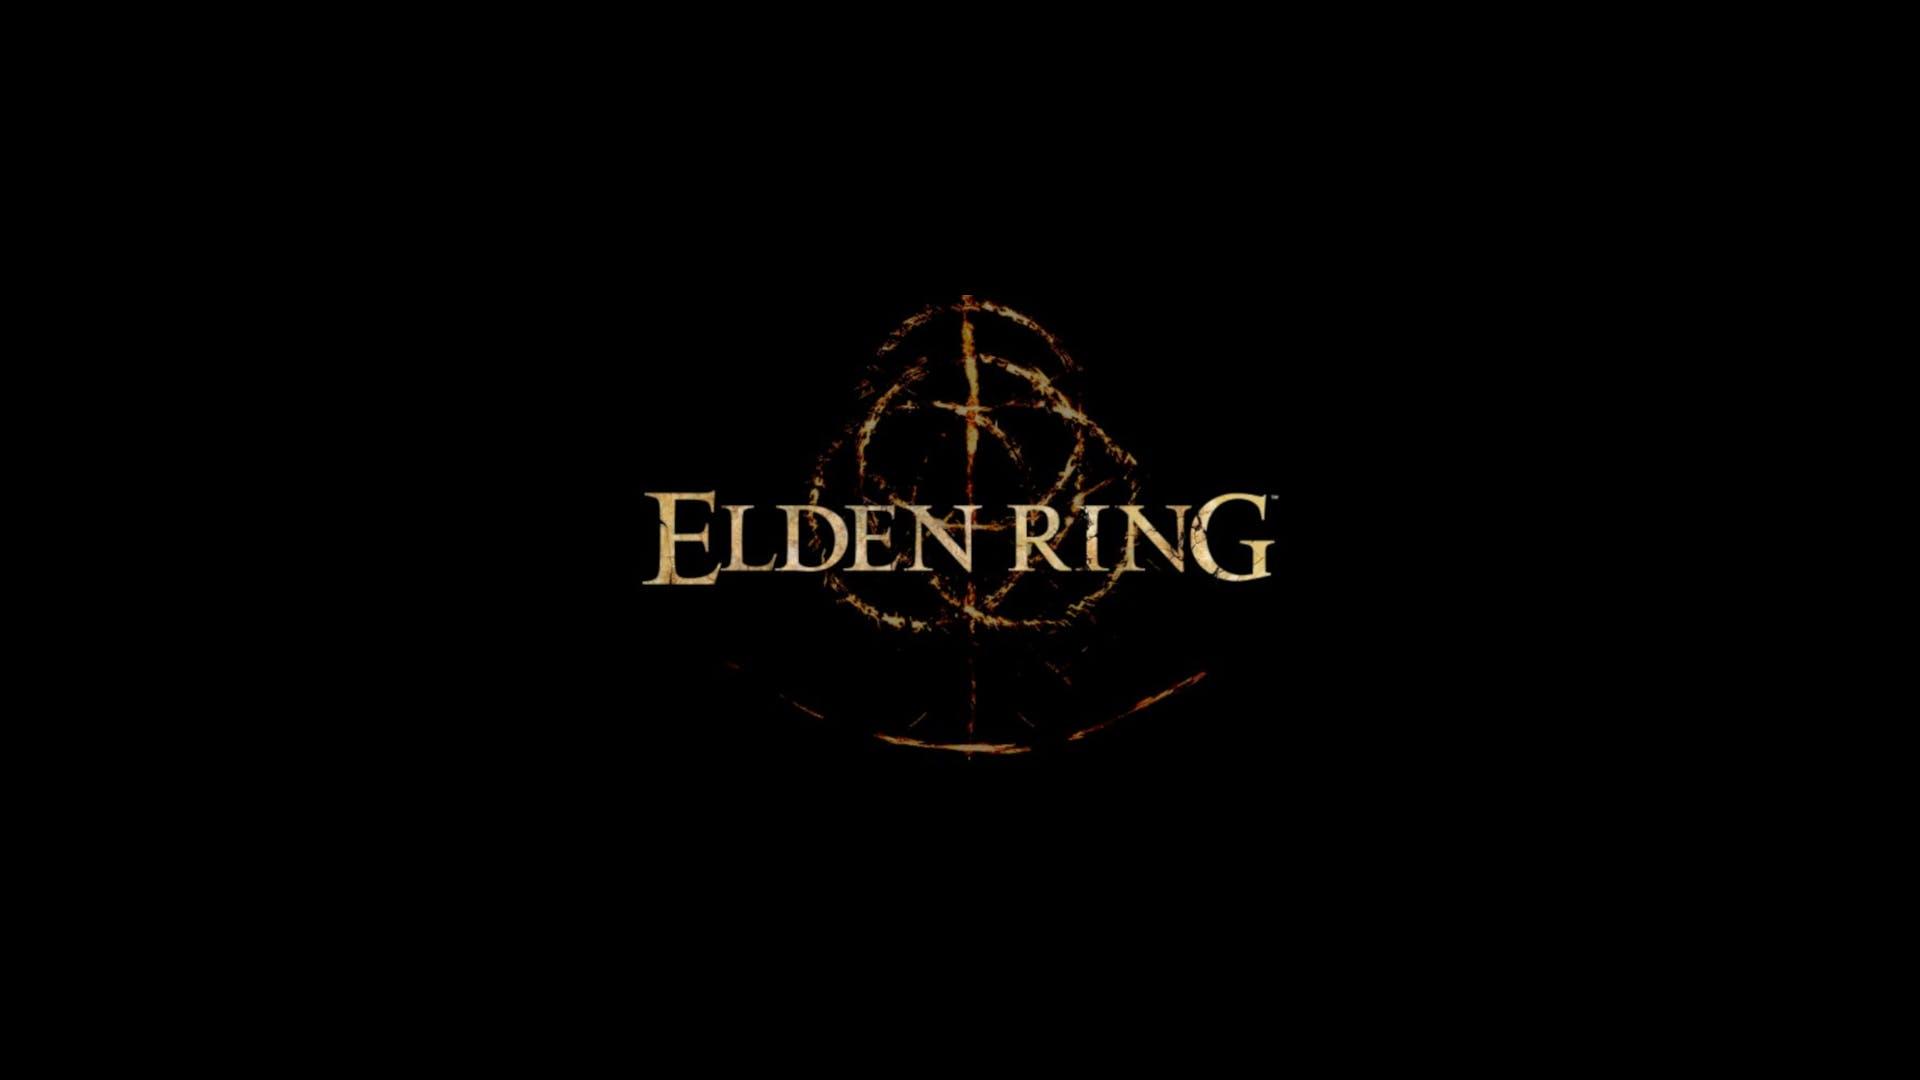 В сети появился альтернативный трейлер Elden Ring от авторов Dark Souls